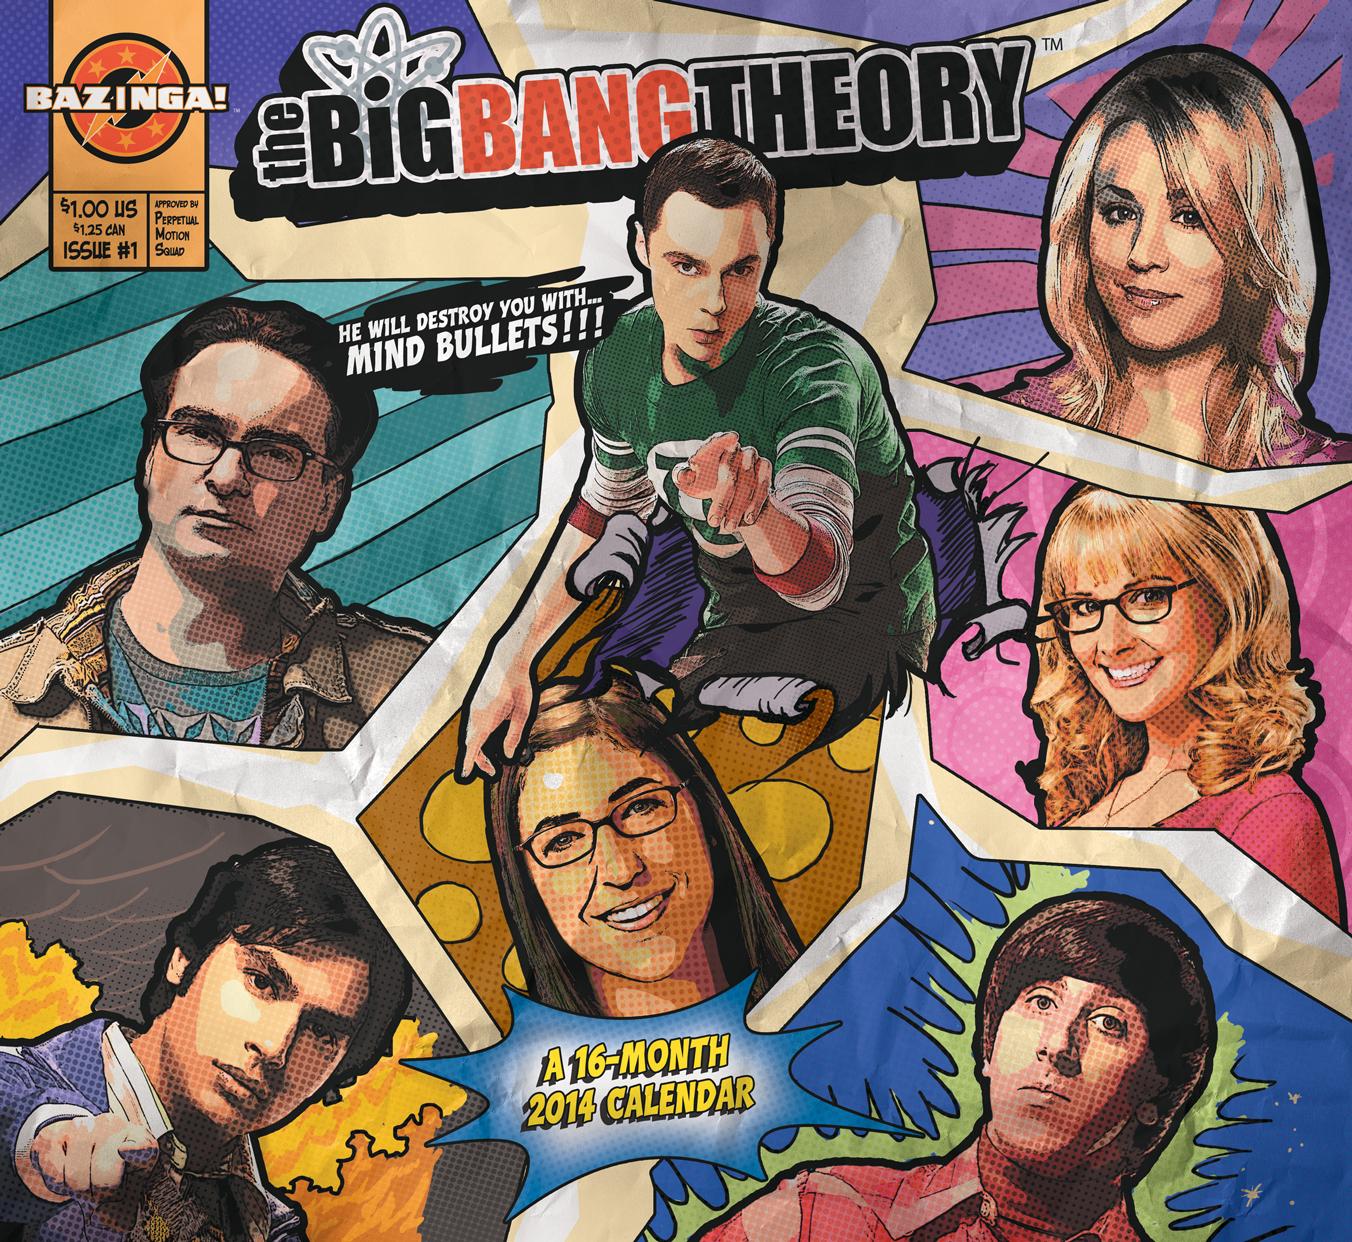 2014 Big Bang Theory cvr.jpg